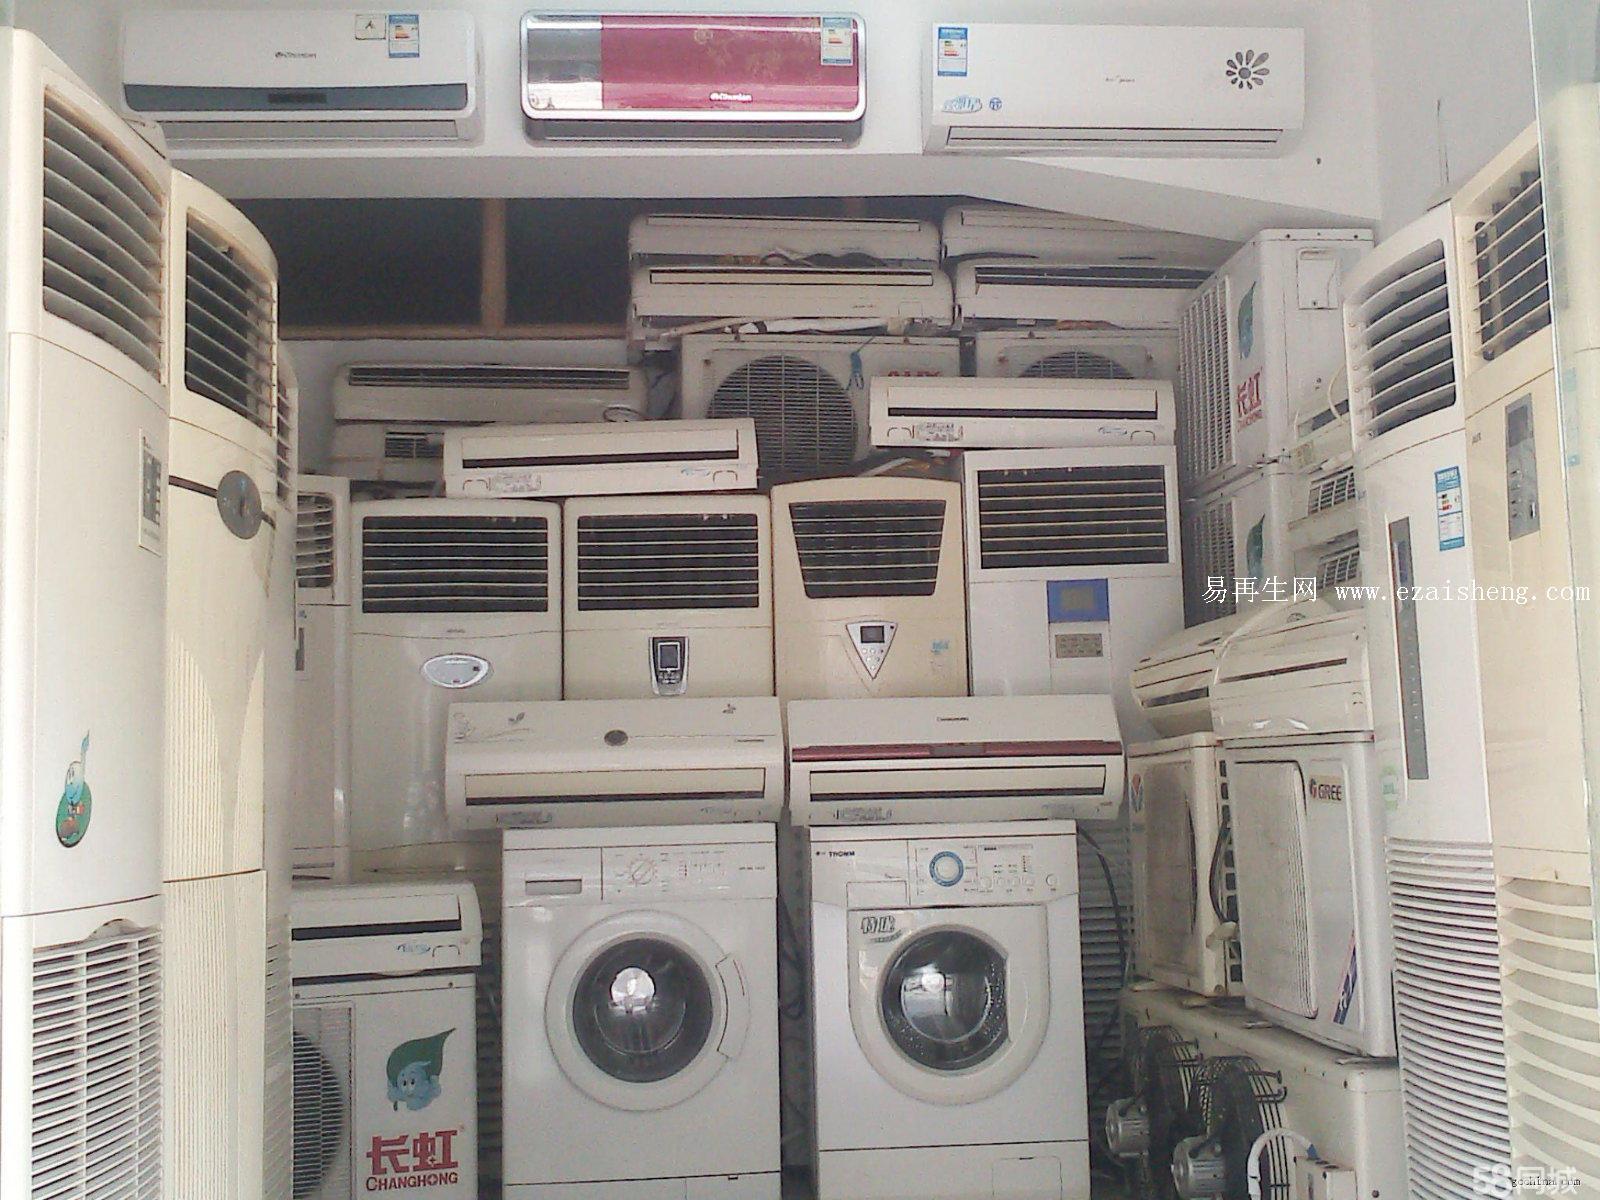 废洗衣机电冰箱空调机外壳